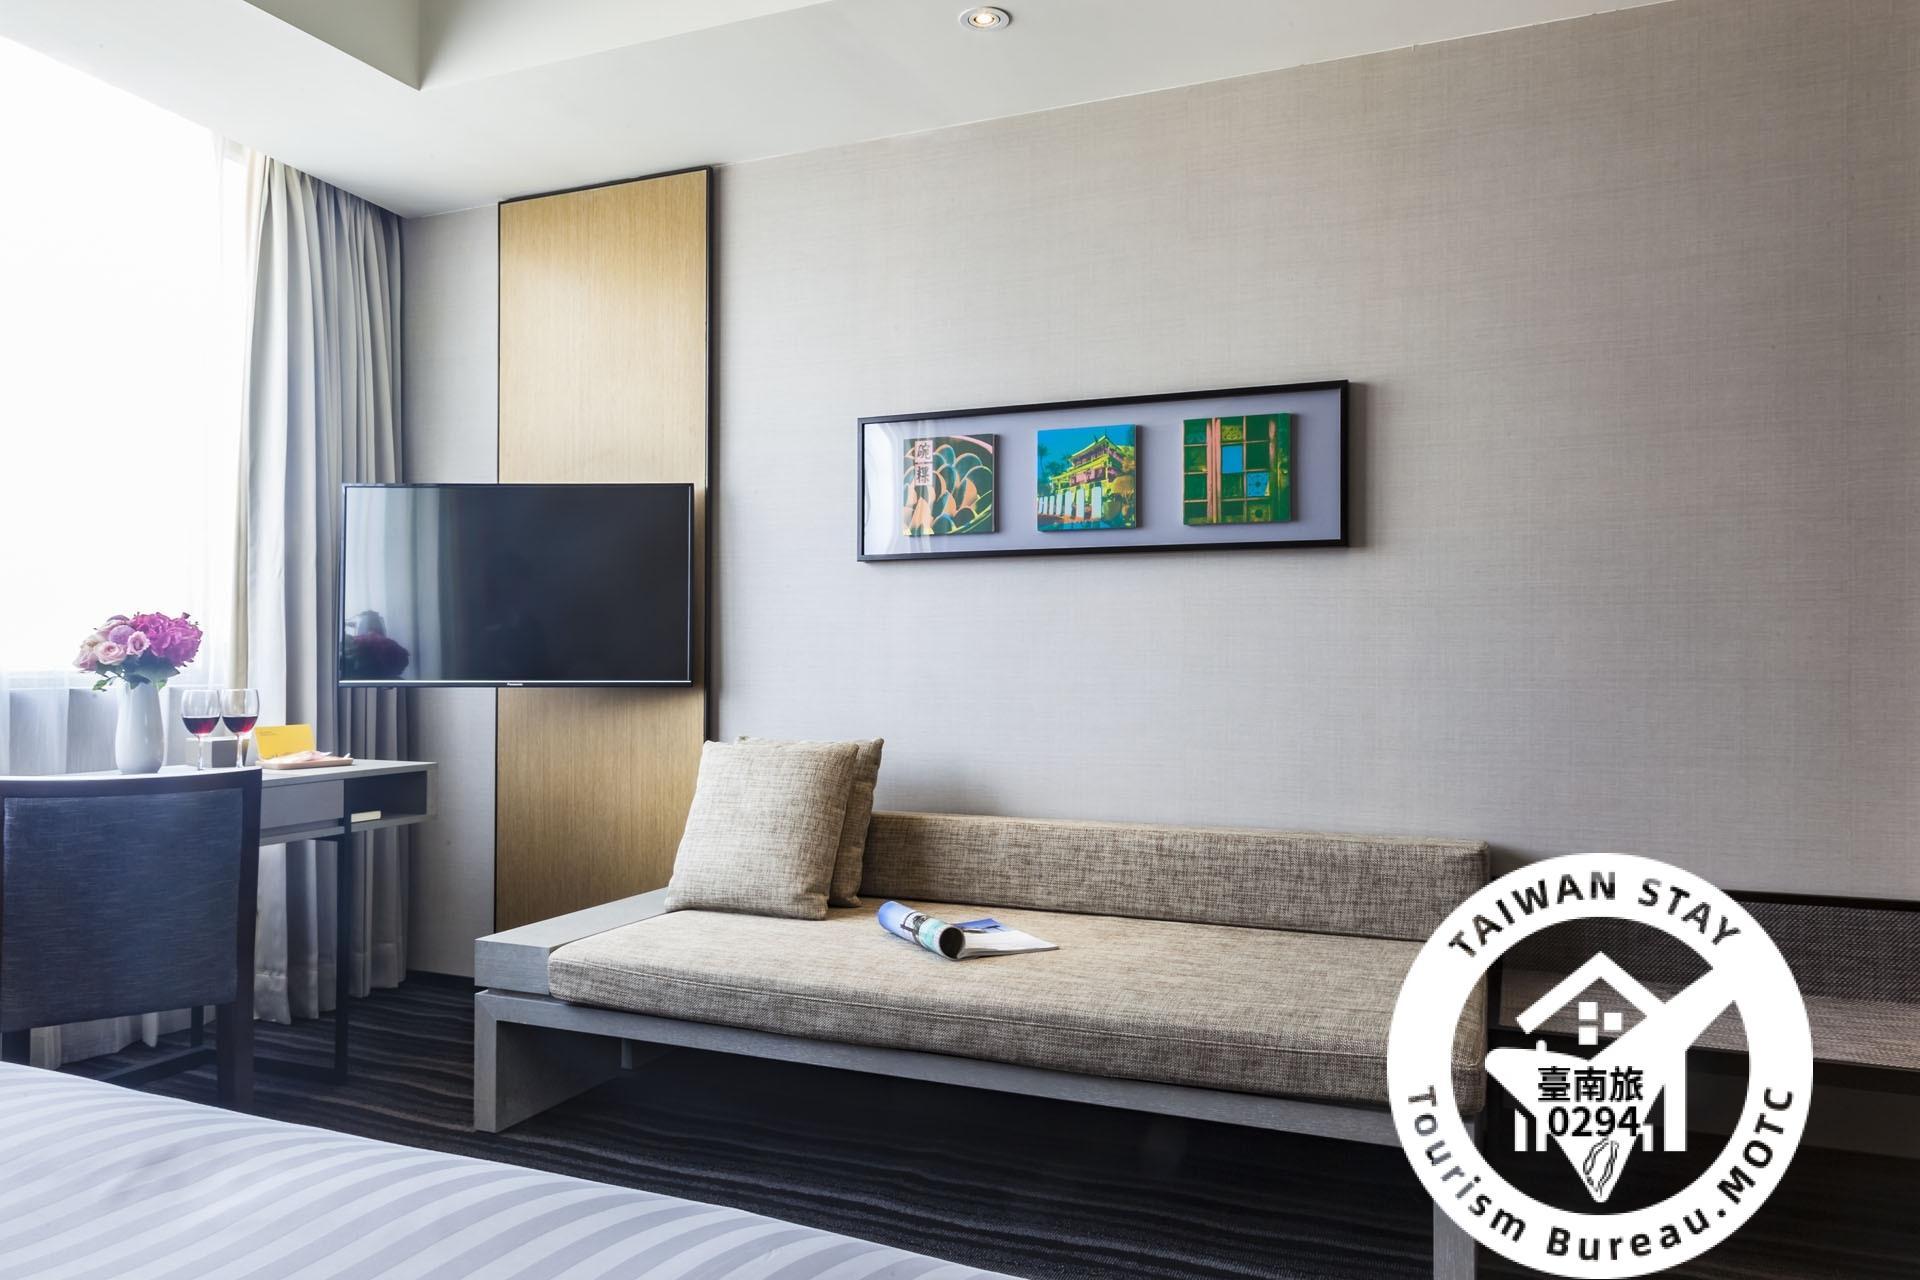 CHANG YI HOTEL(長悅旅棧)